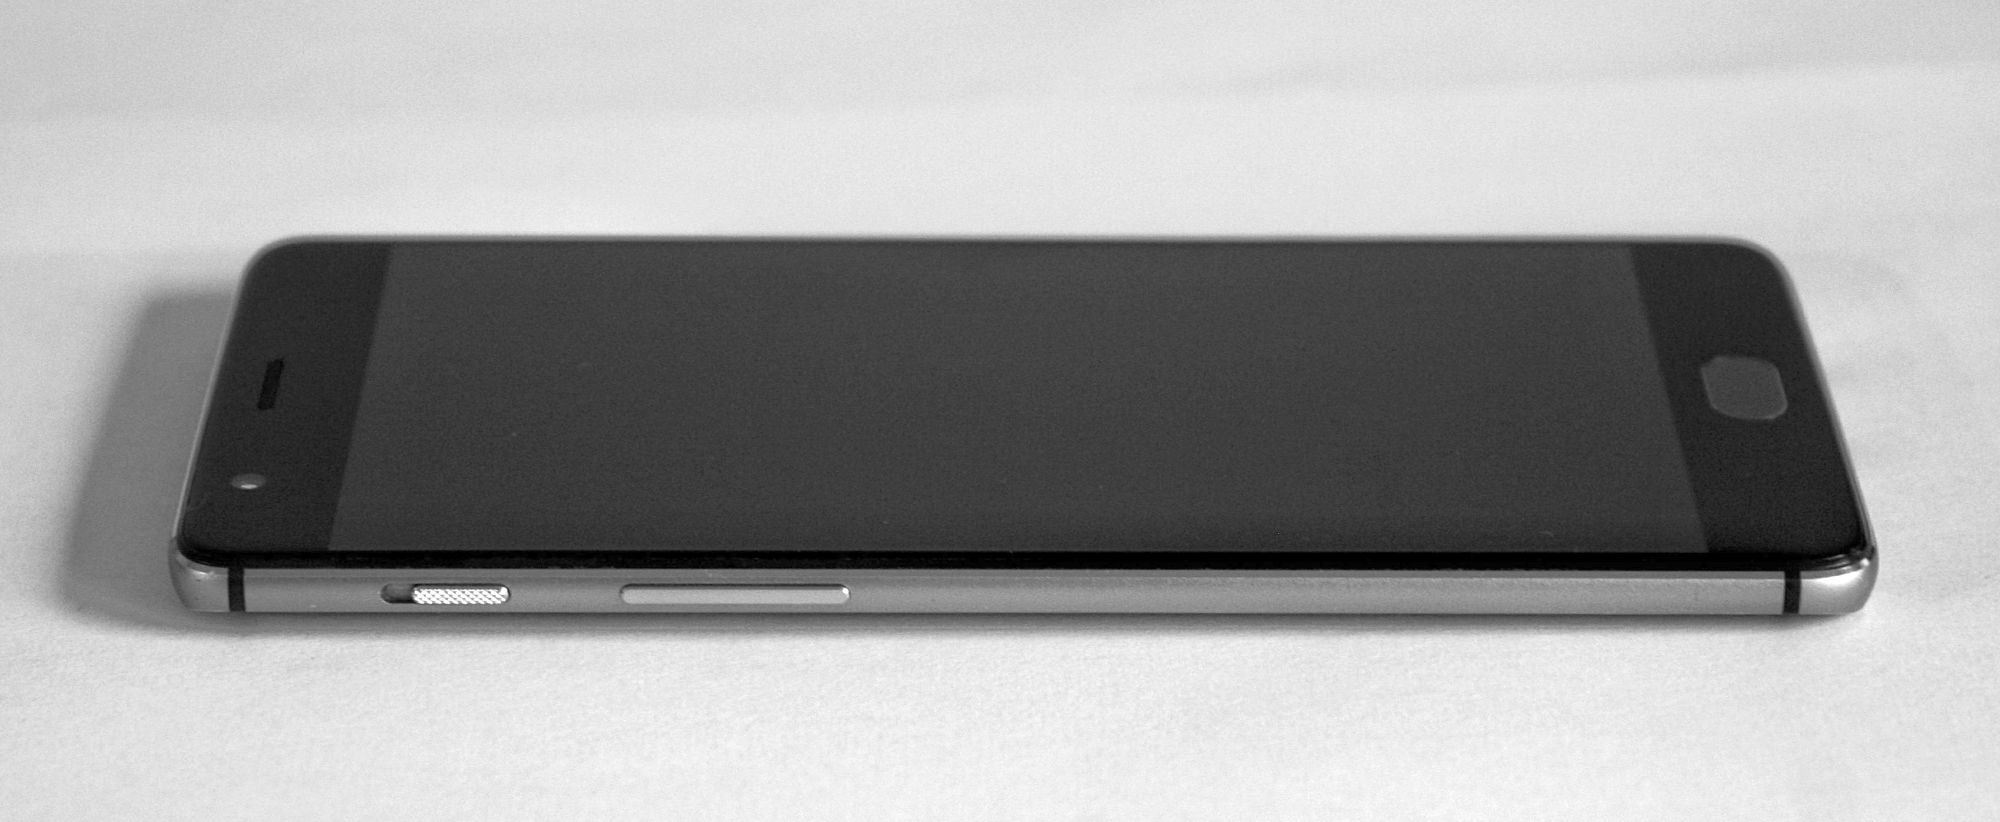 OnePlus 3 - recenzja po siedmiu miesiącach użytkowania. Zdecydowanie kupiłbym go ponownie 19